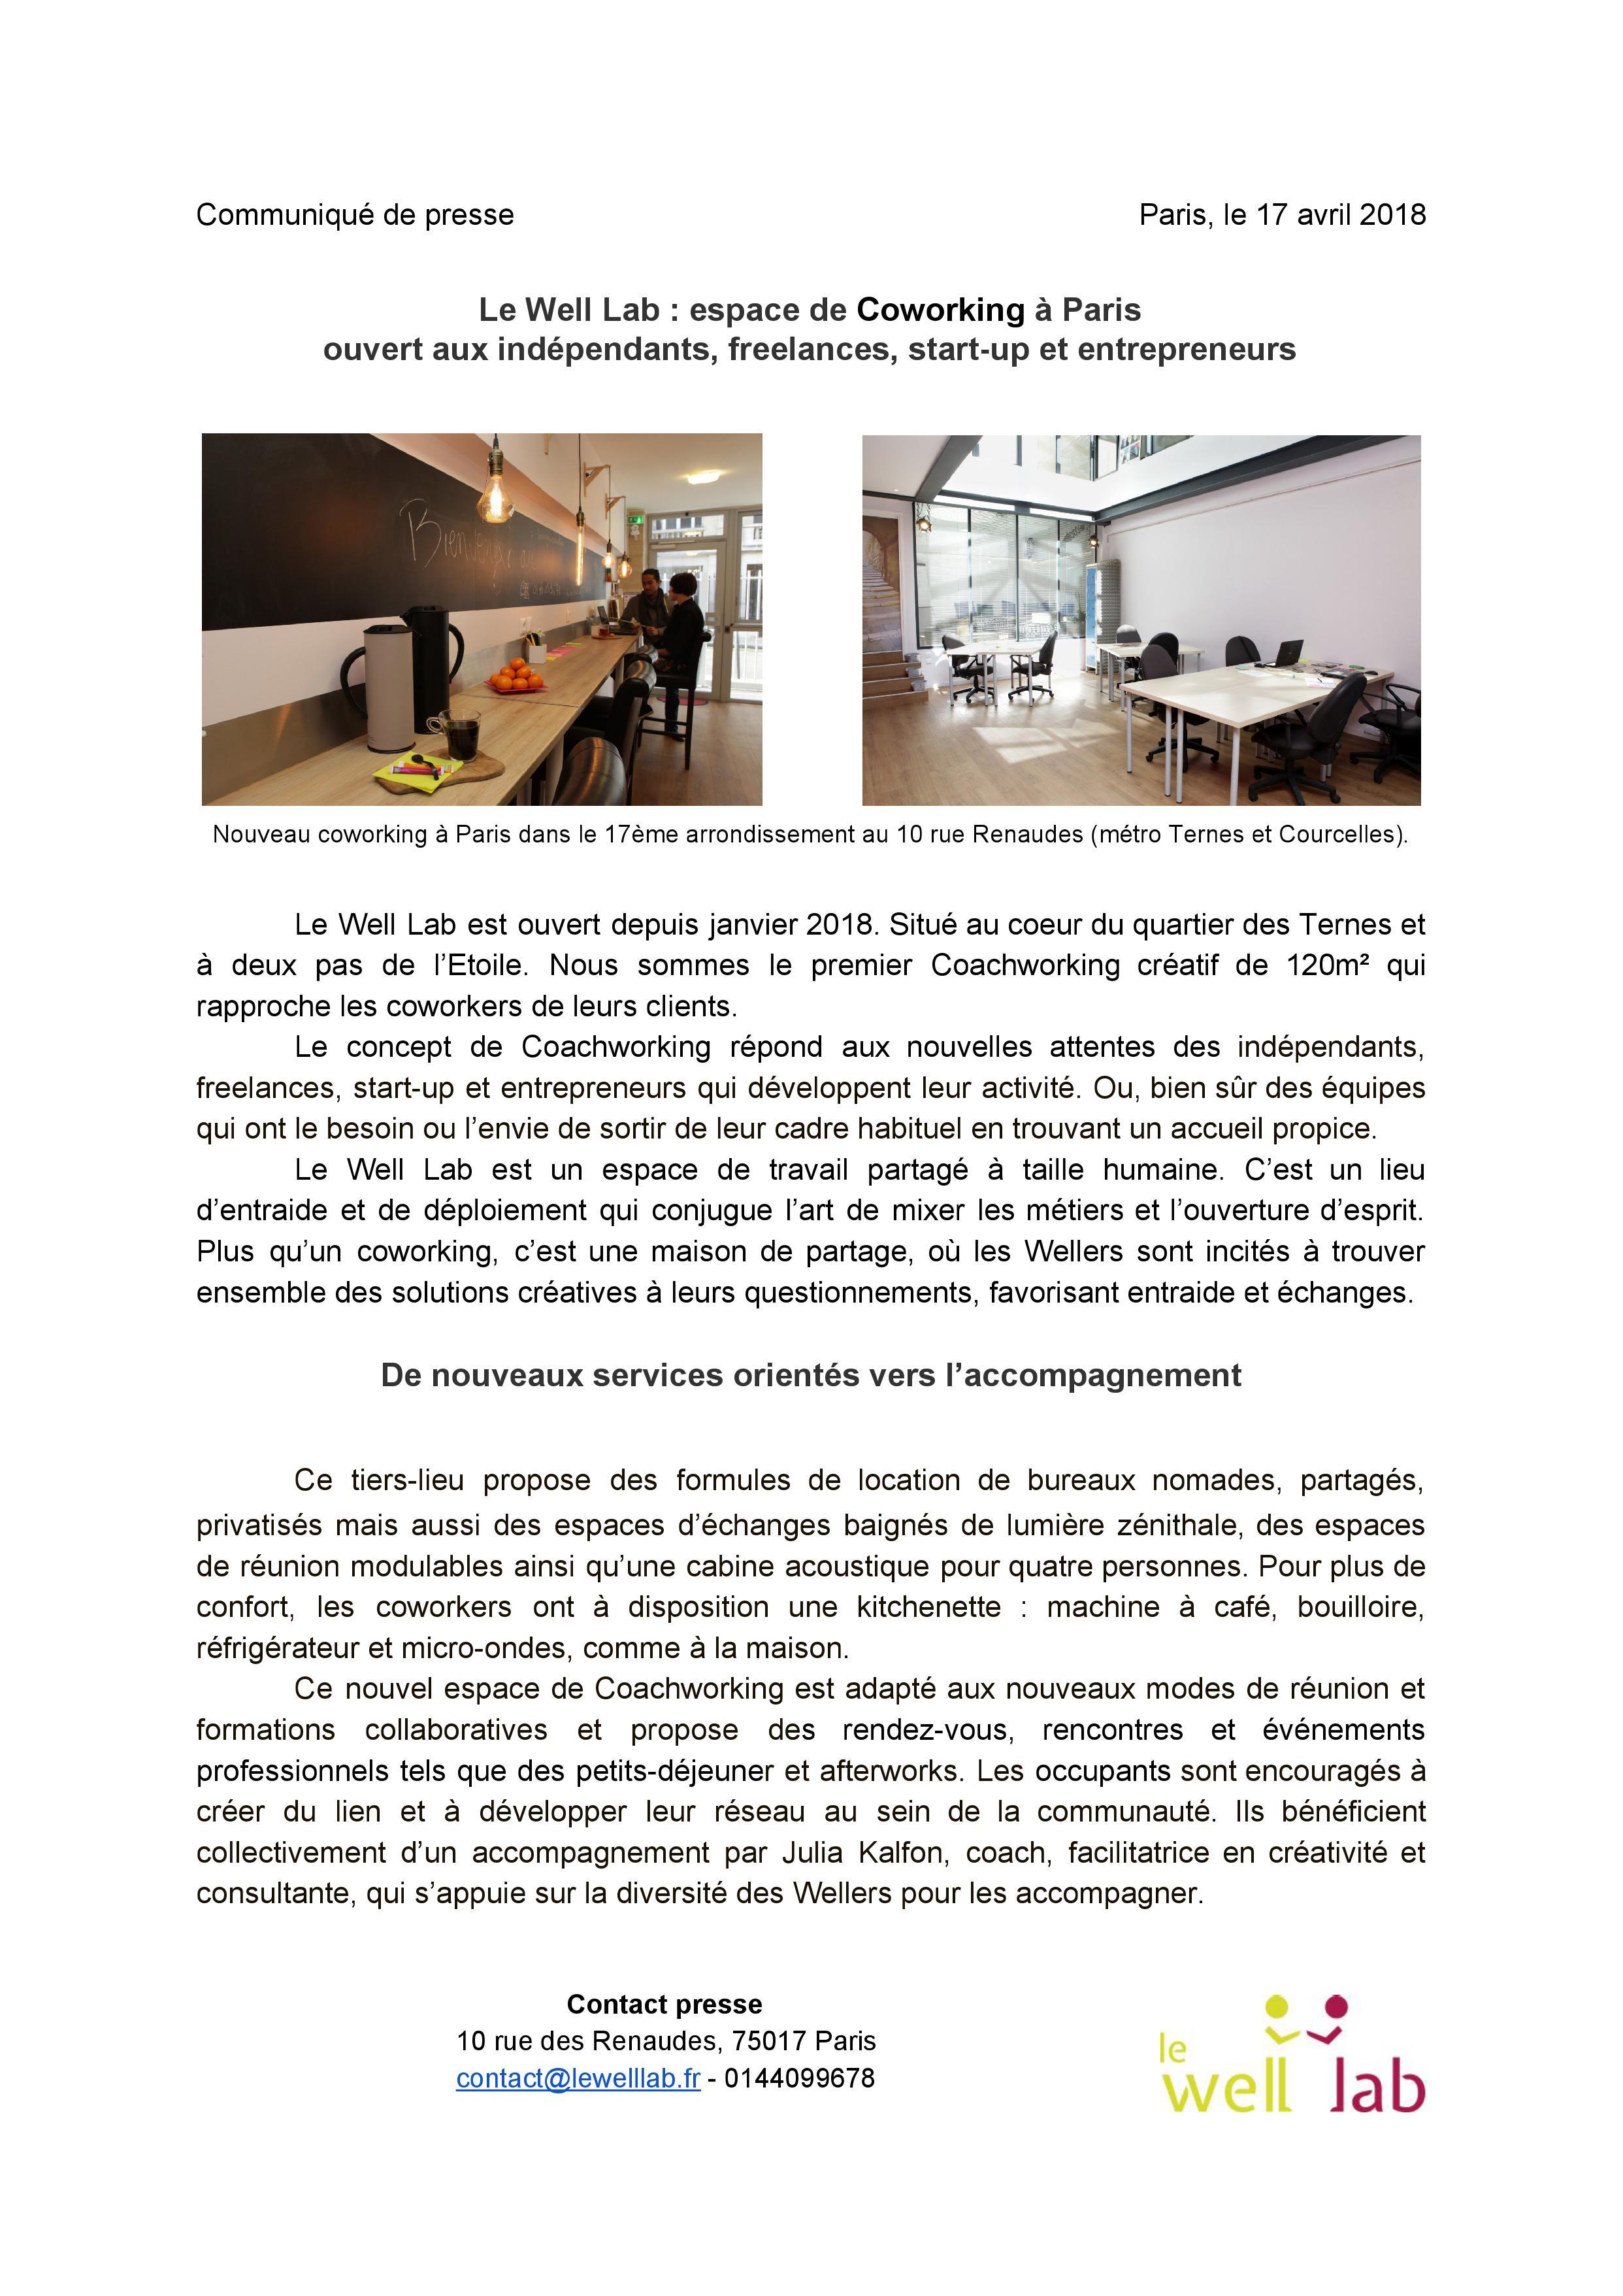 LeWellLab-Communiqué de presse-Paris, le 17 avril 2018